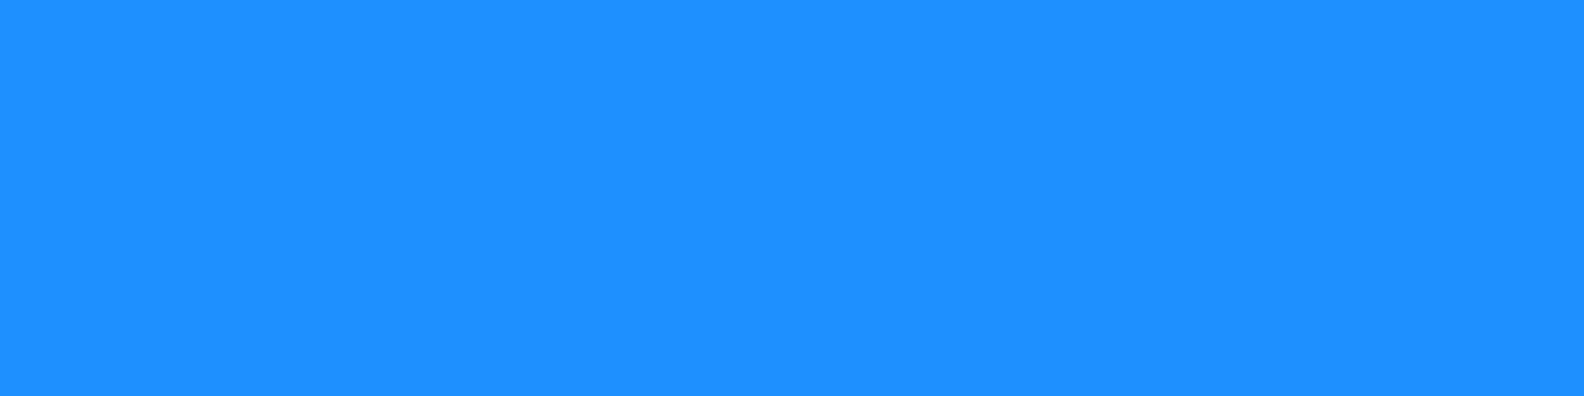 1584x396 Dodger Blue Solid Color Background